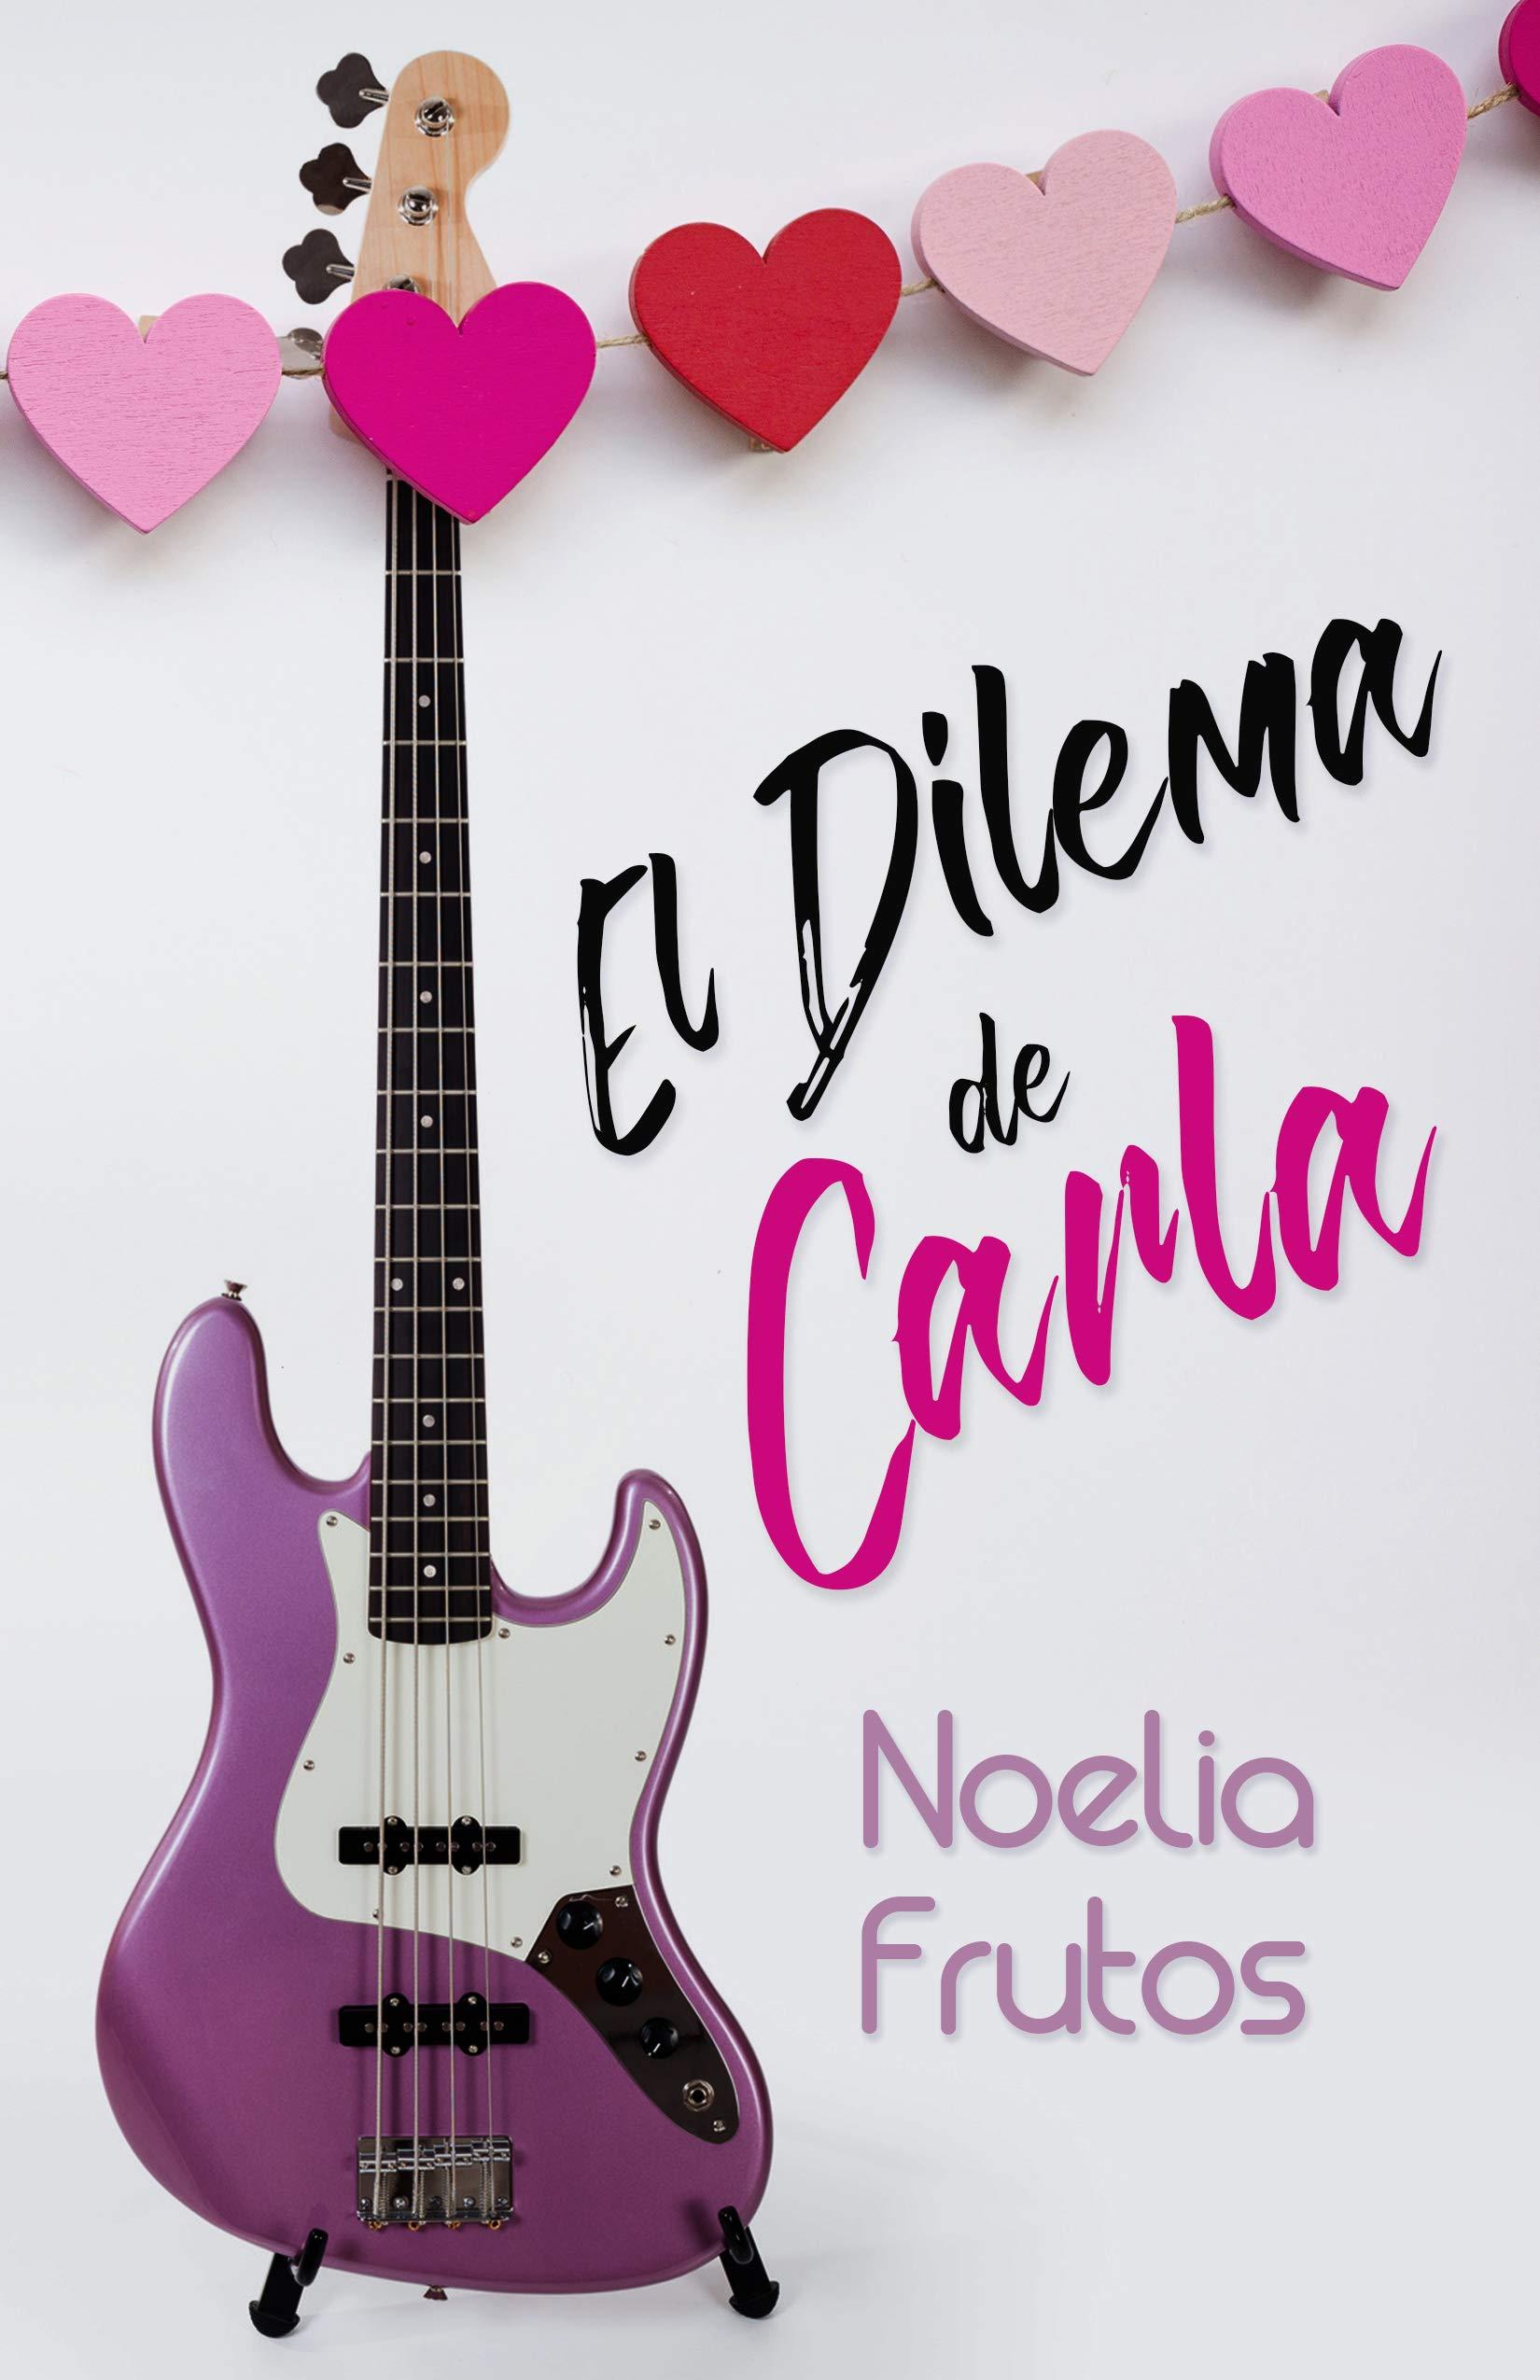 El Dilema de Carla por Noelia Frutos